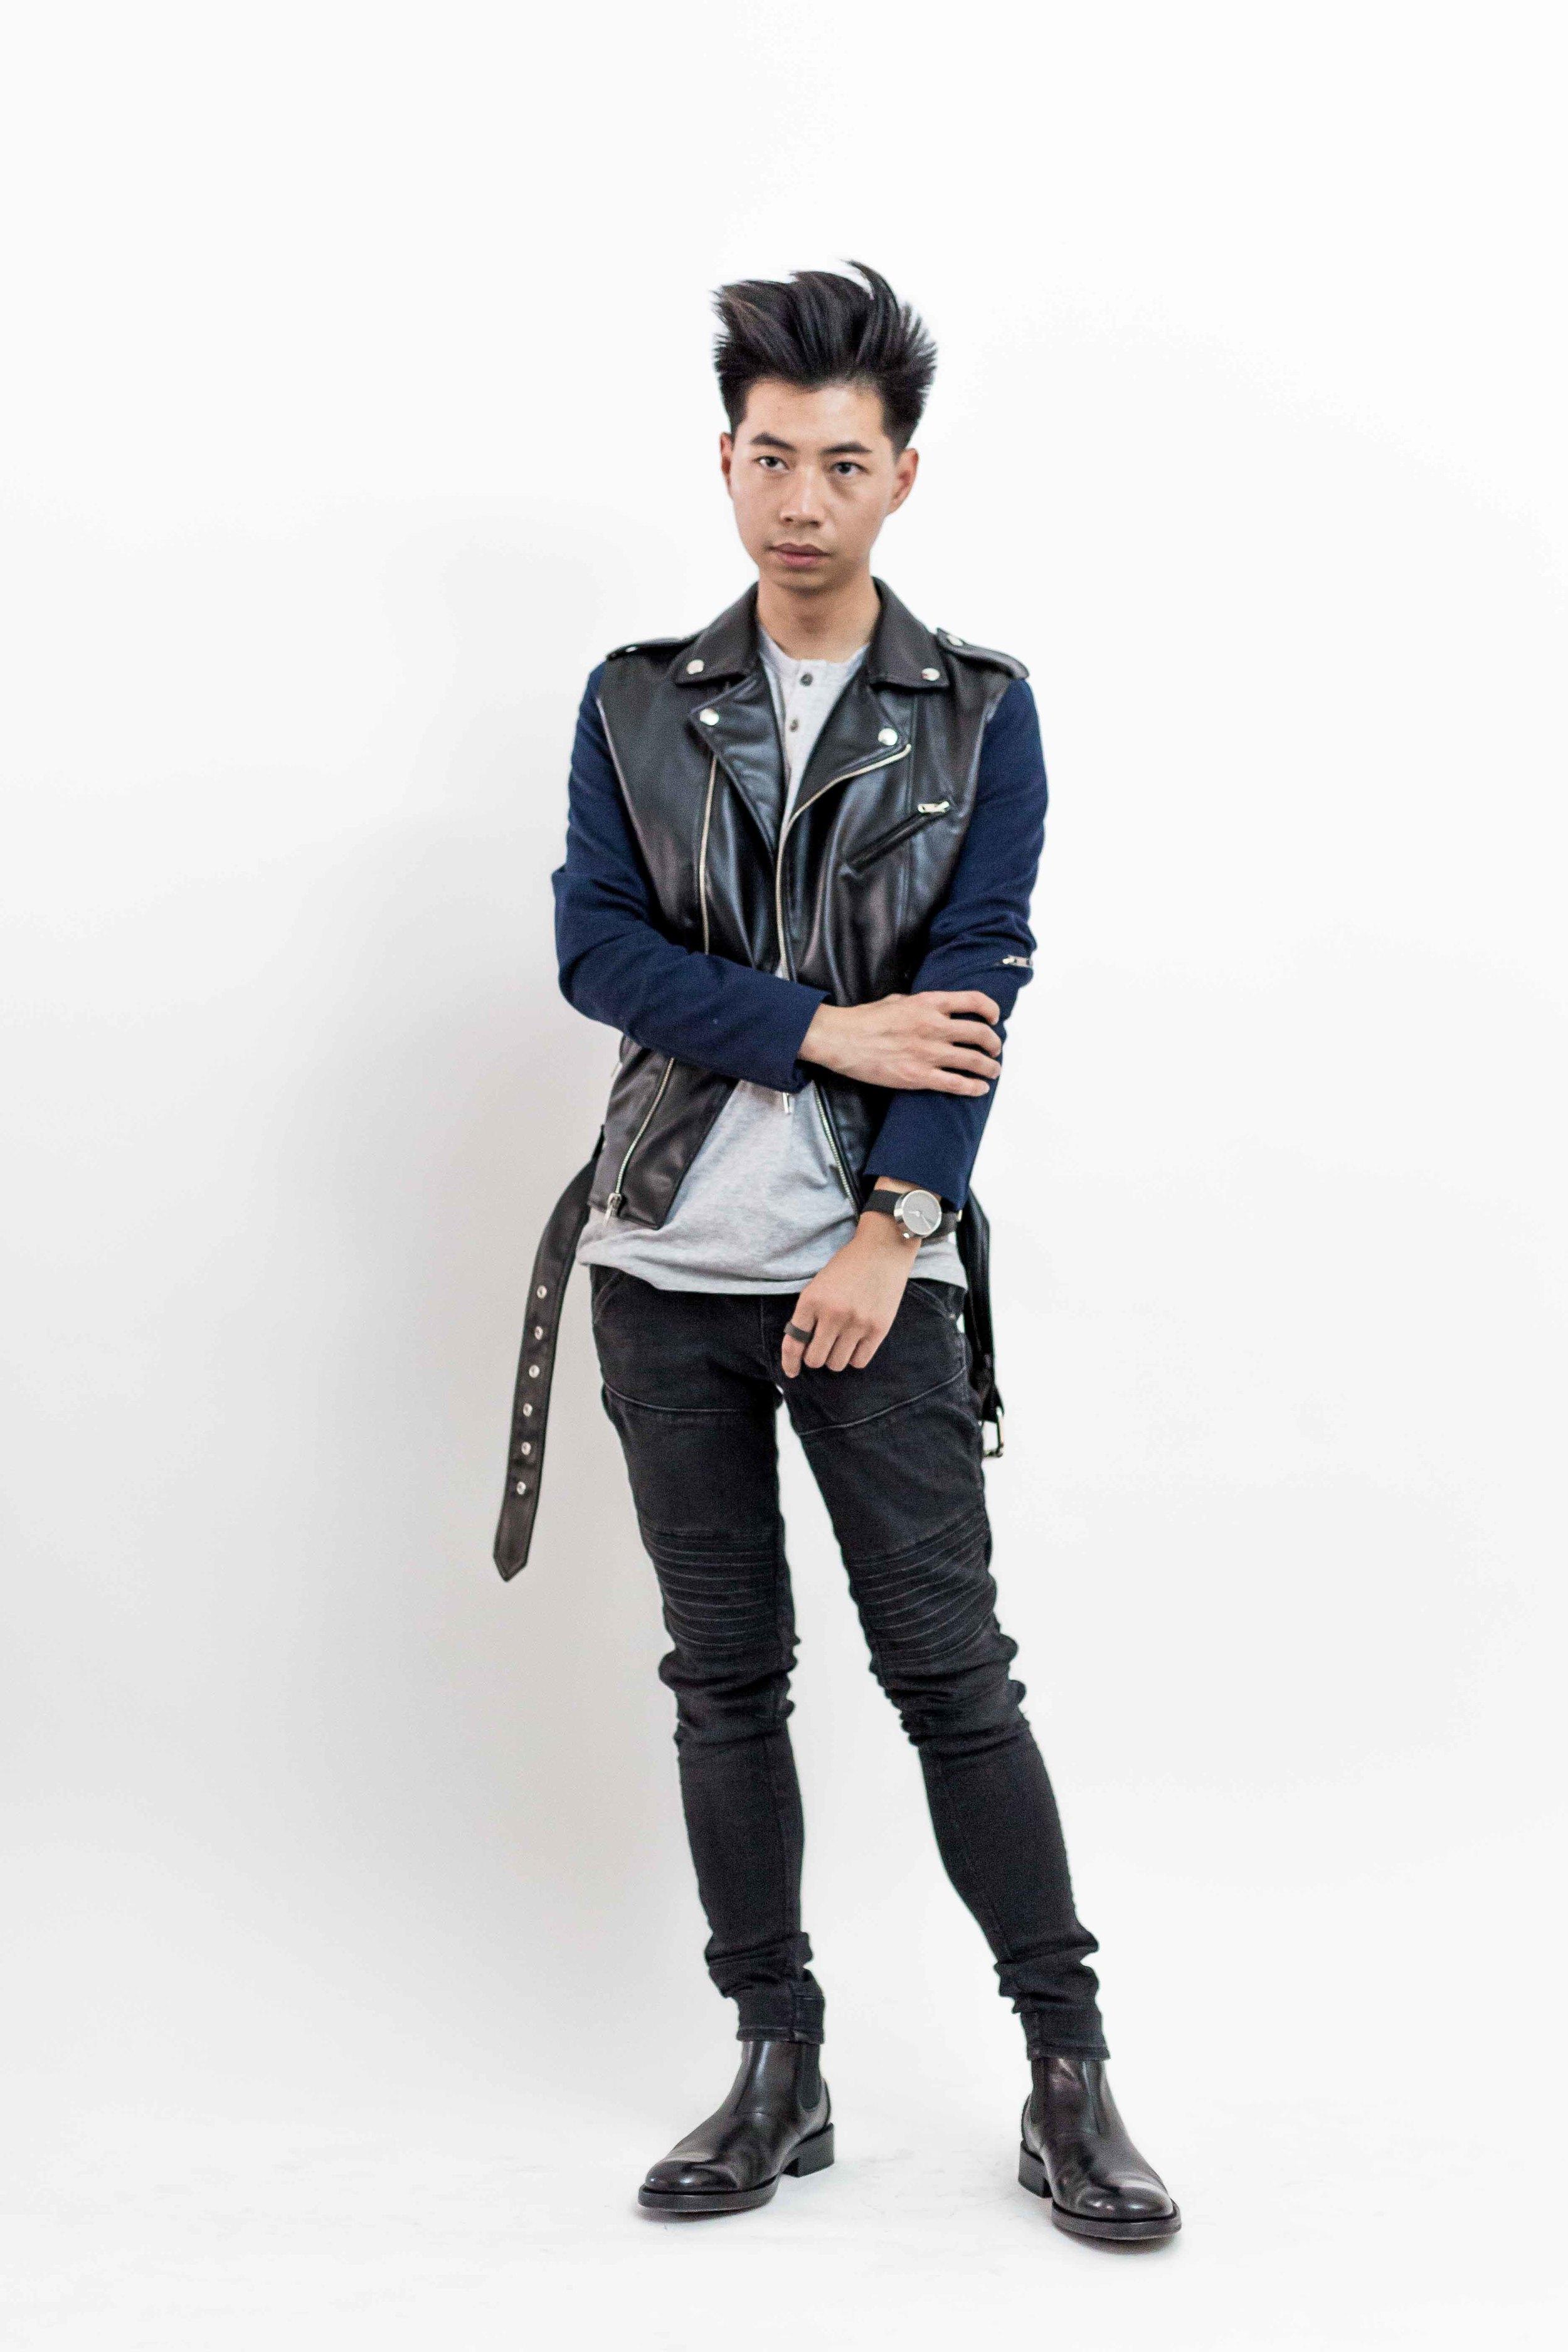 mybelonging-tommylei-menswear-streetstyle-faces-apparel-4.jpg